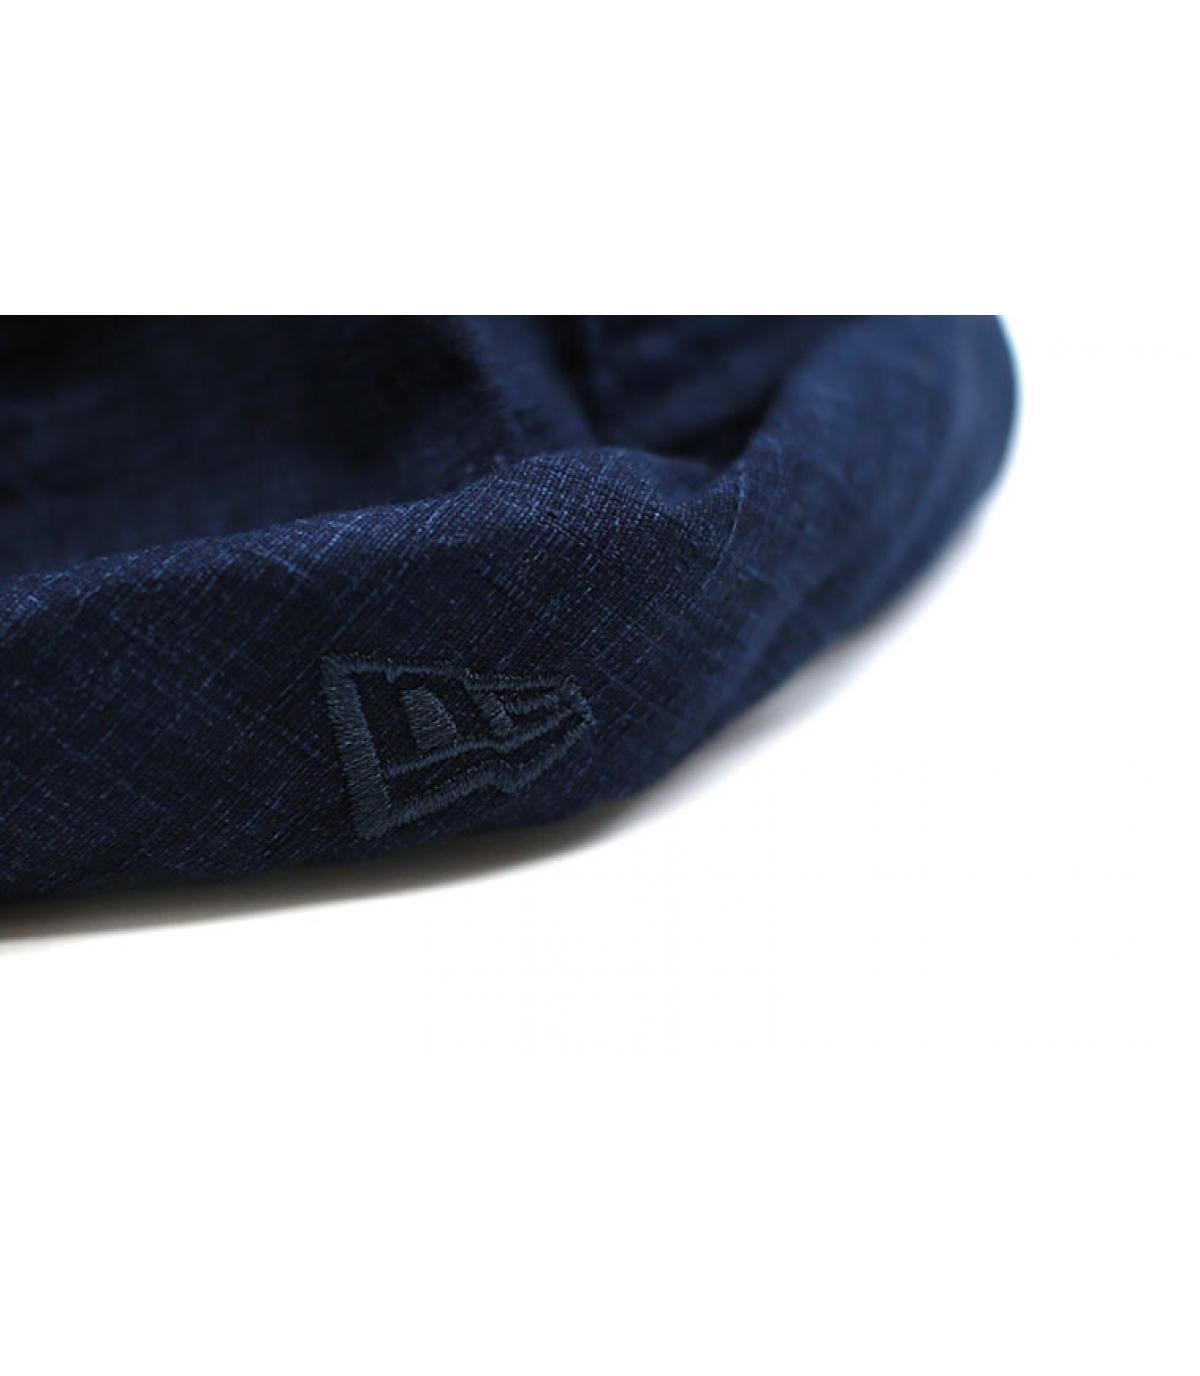 Détails Skully NE Premium Cotton navy - image 4